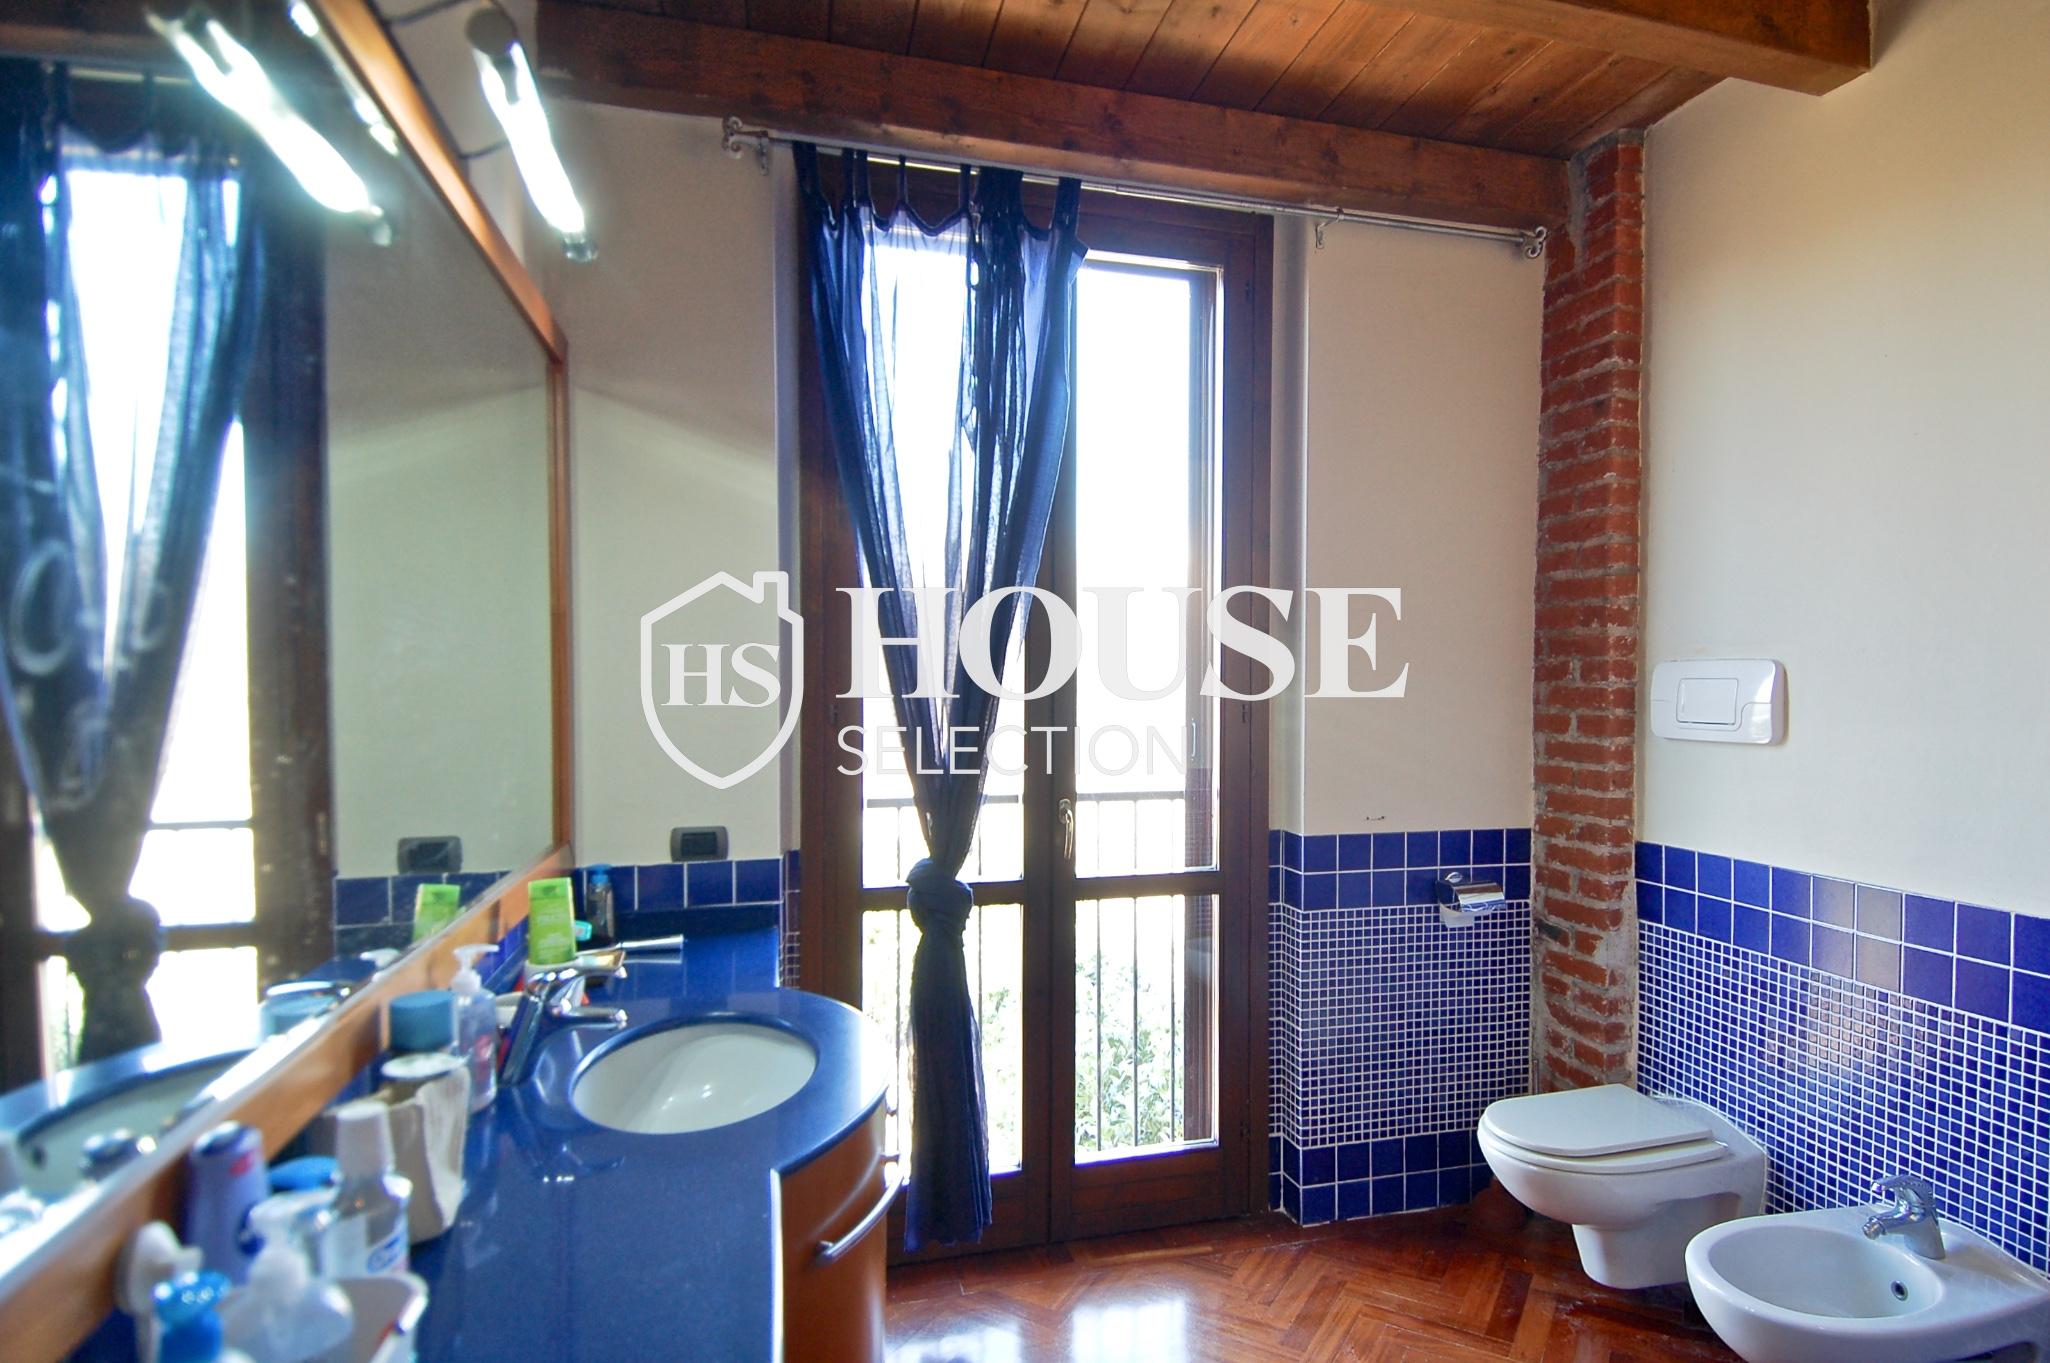 Affitto villa Basiglio, con giardino, ristrutturata, aria condizionata, corte interna, box auto, Milano 9